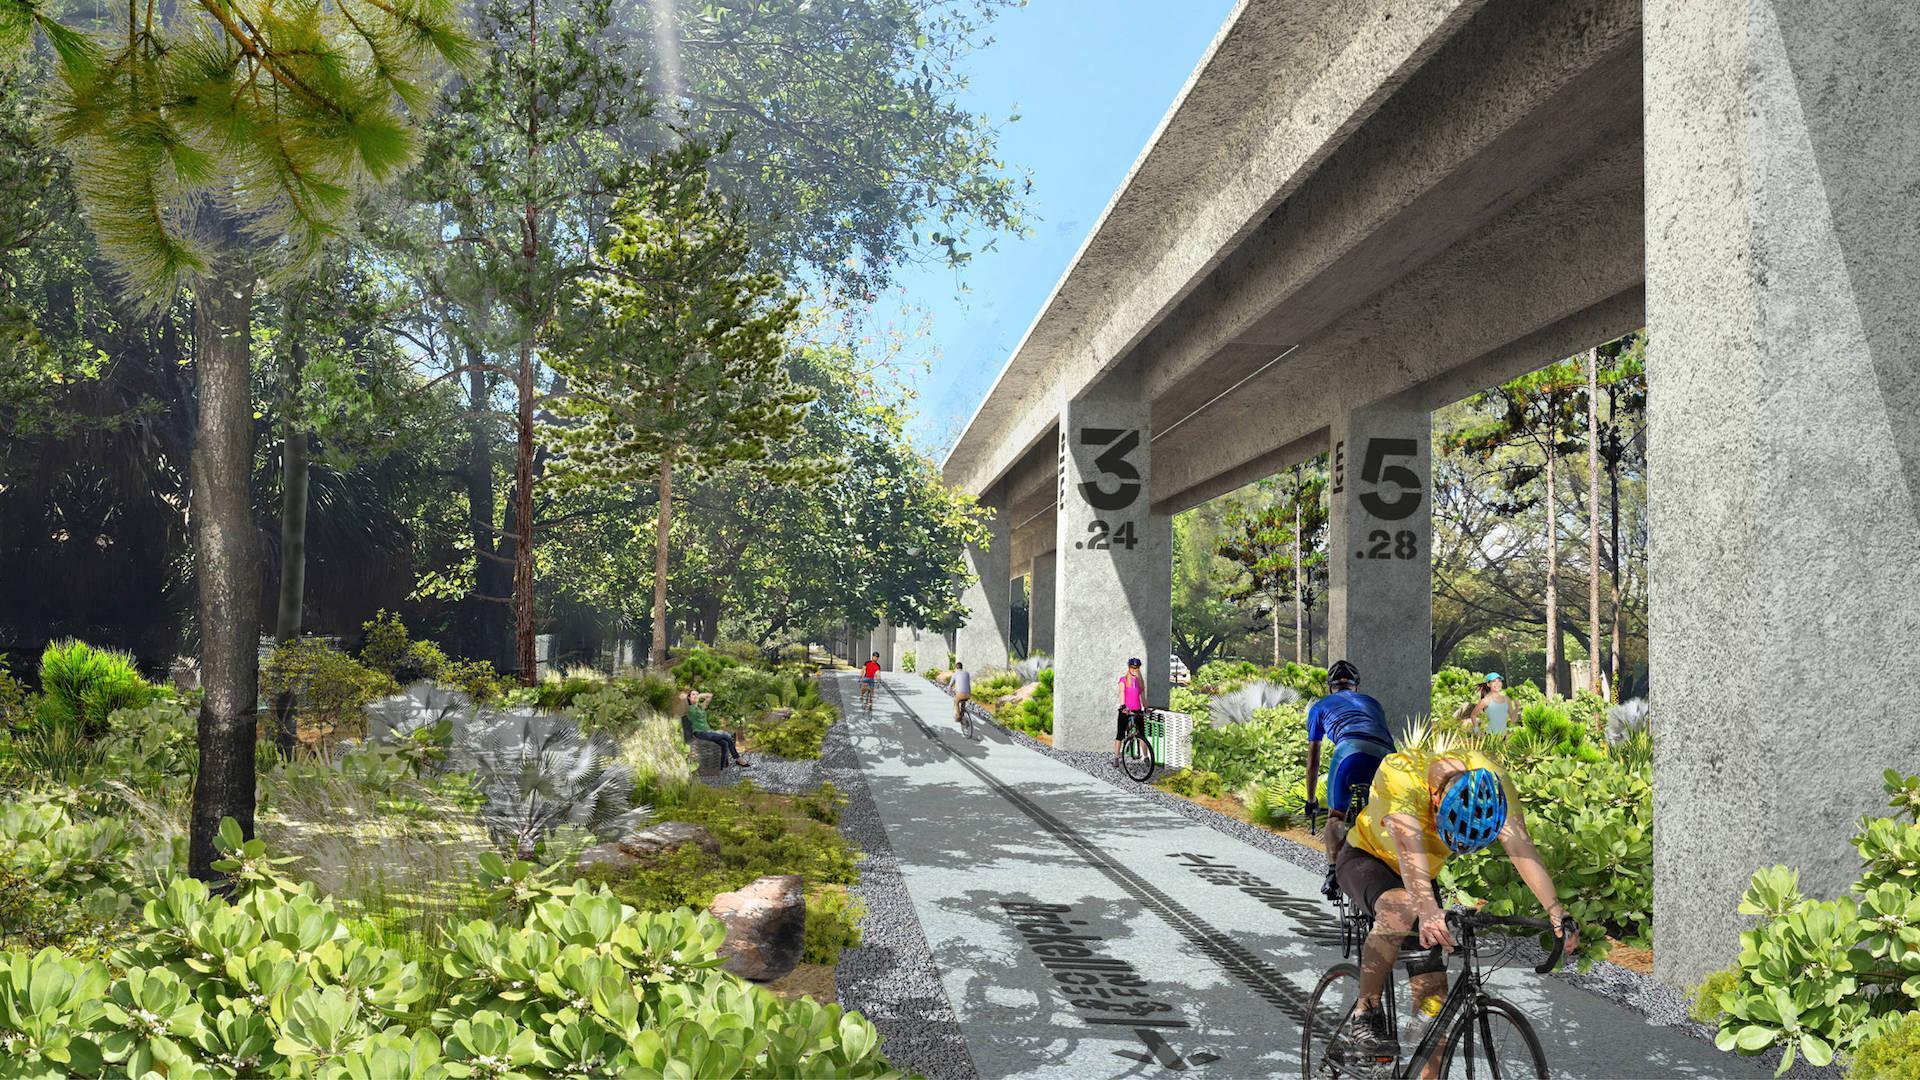 Miami tendrá su nuevo parque Underline, al mejor estilo del High Line de NY - 8